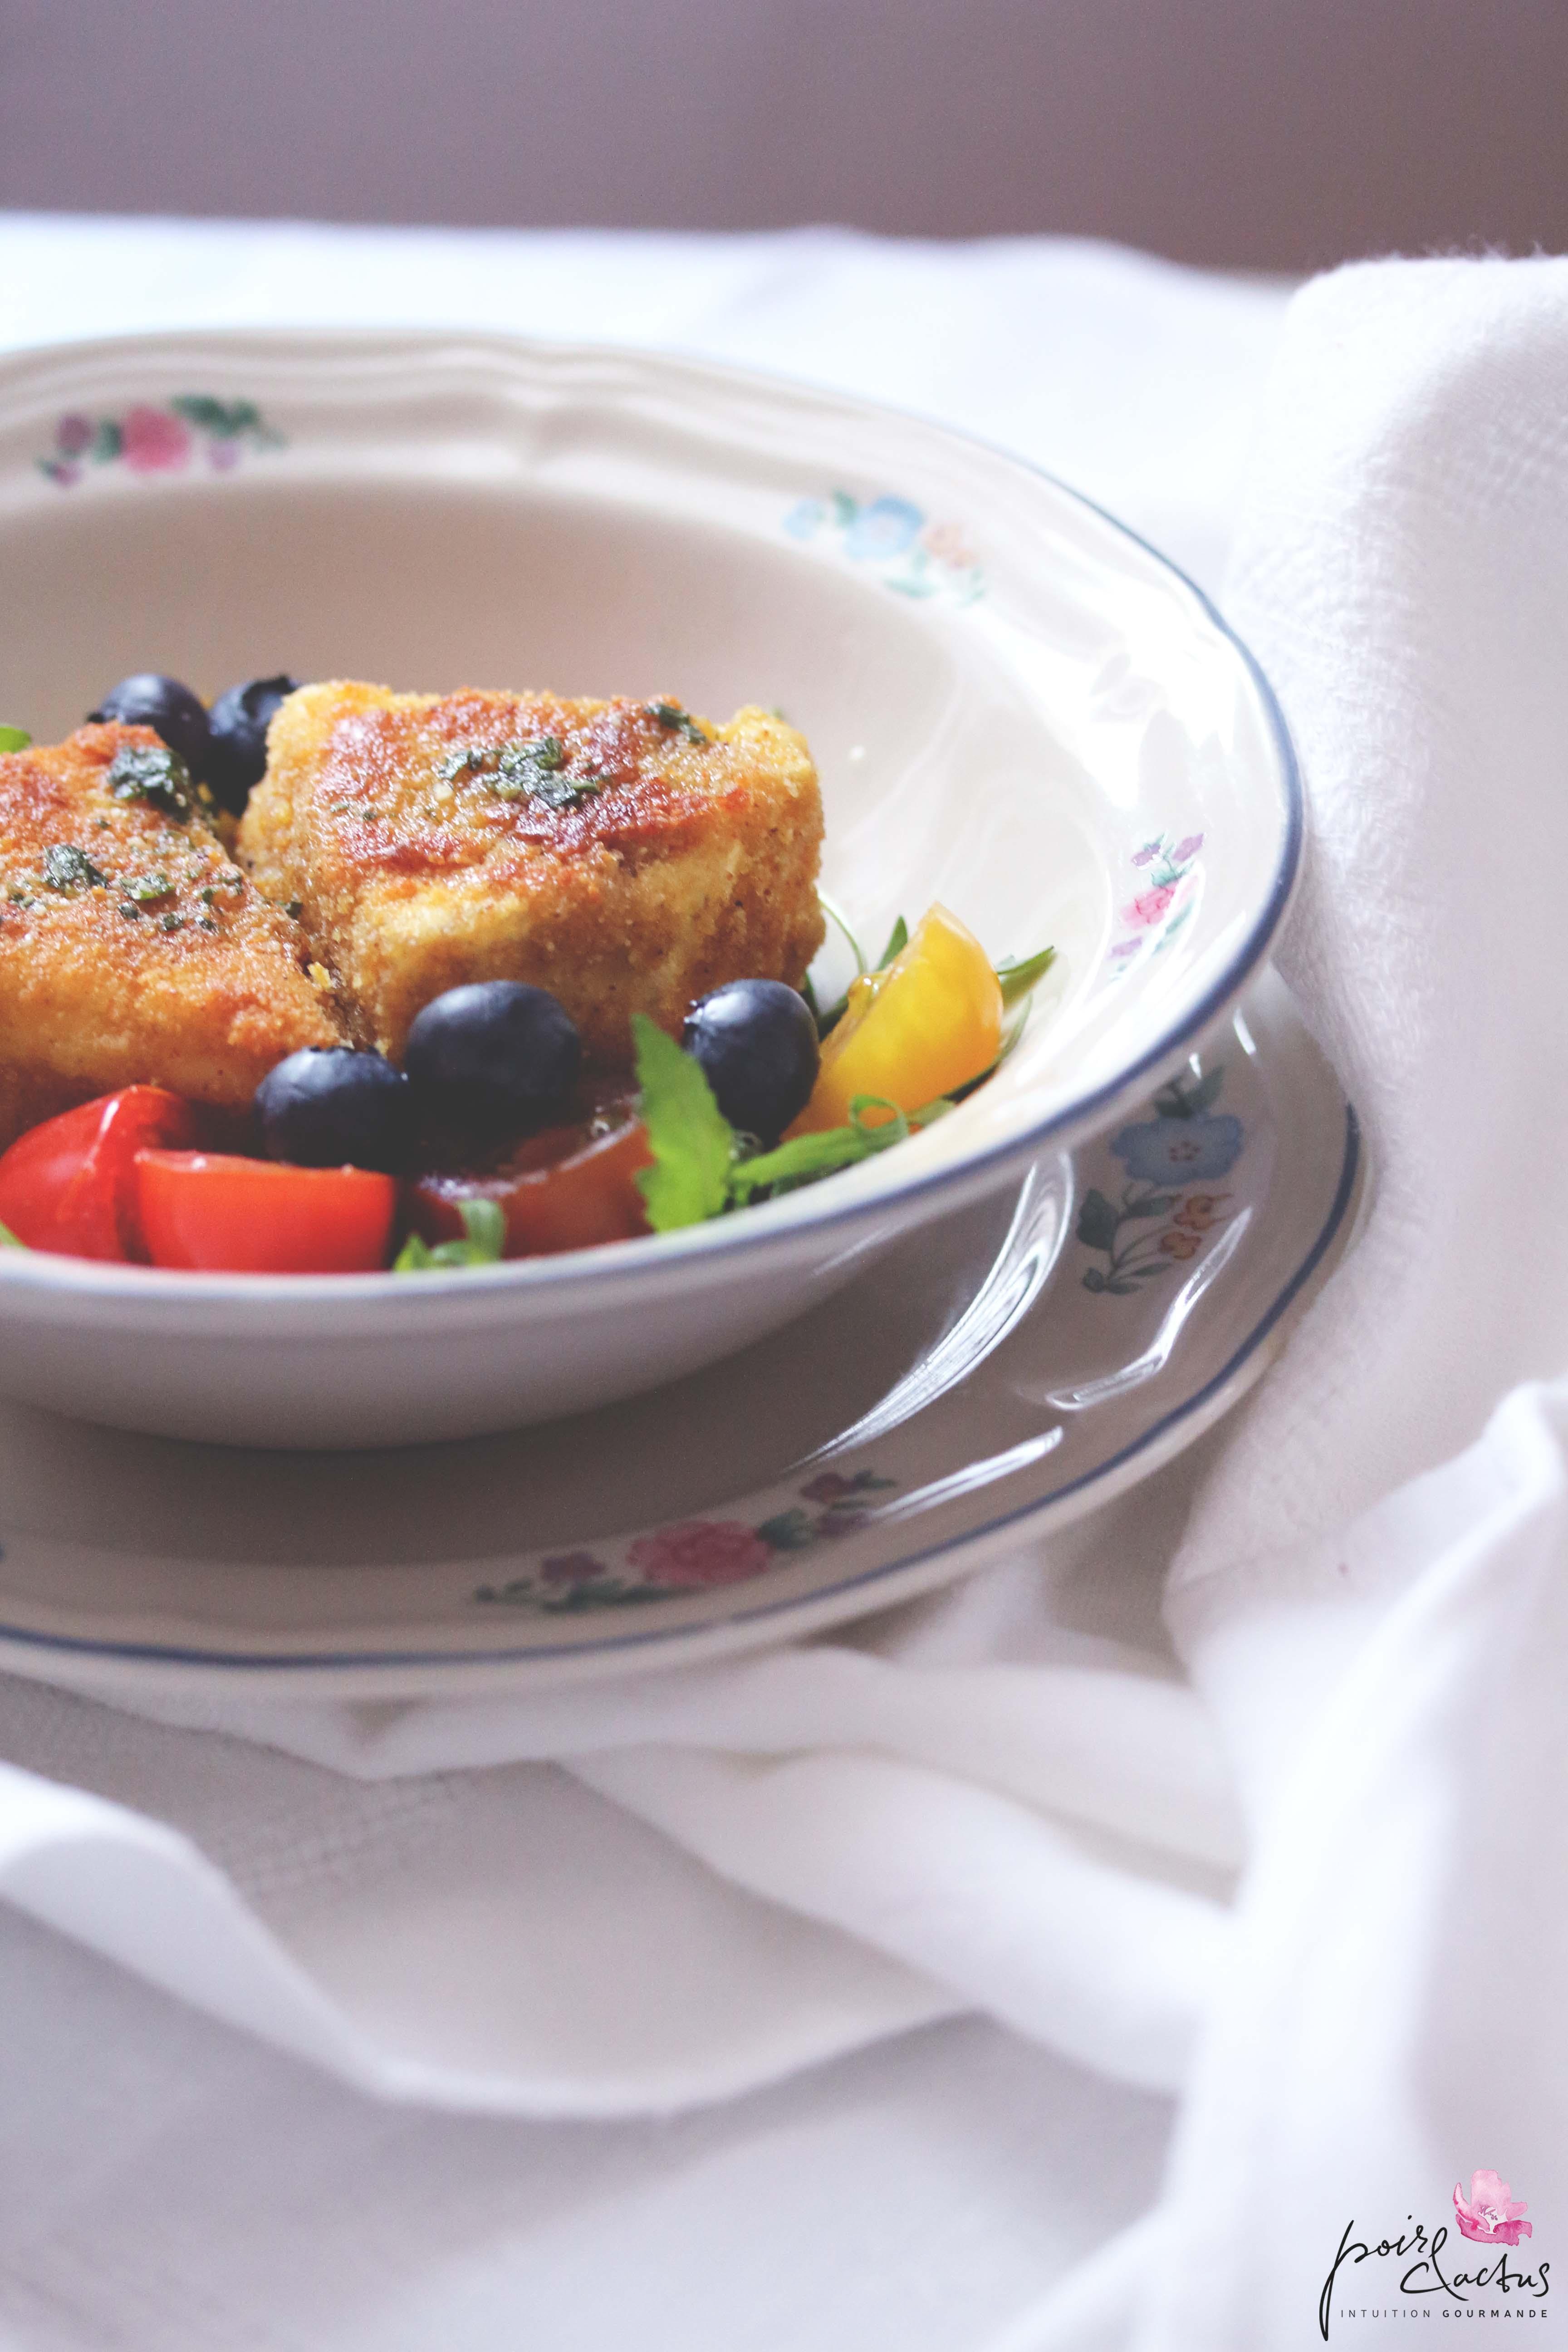 recette_fromage_pane_salade_poiretcactus4